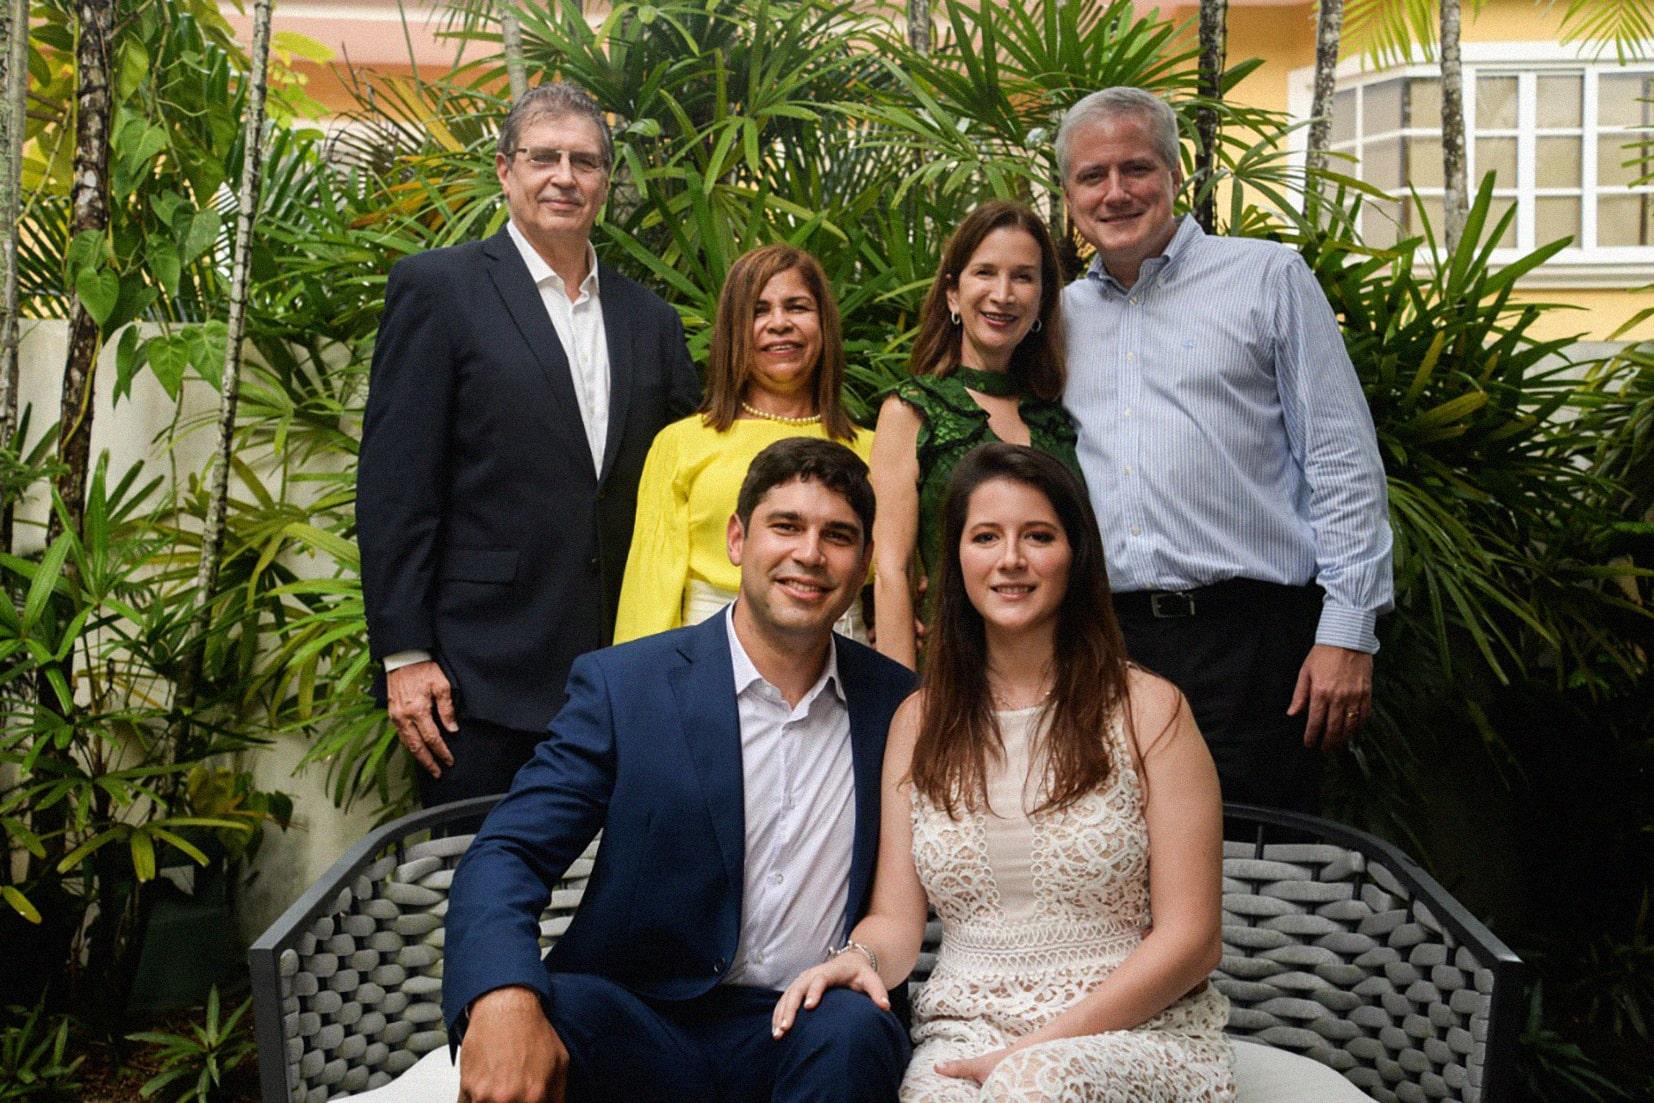 EVENTOS SOCIALES    Unión civil entre Jordi Mateu López y Beatriz Jiménez Arosemena